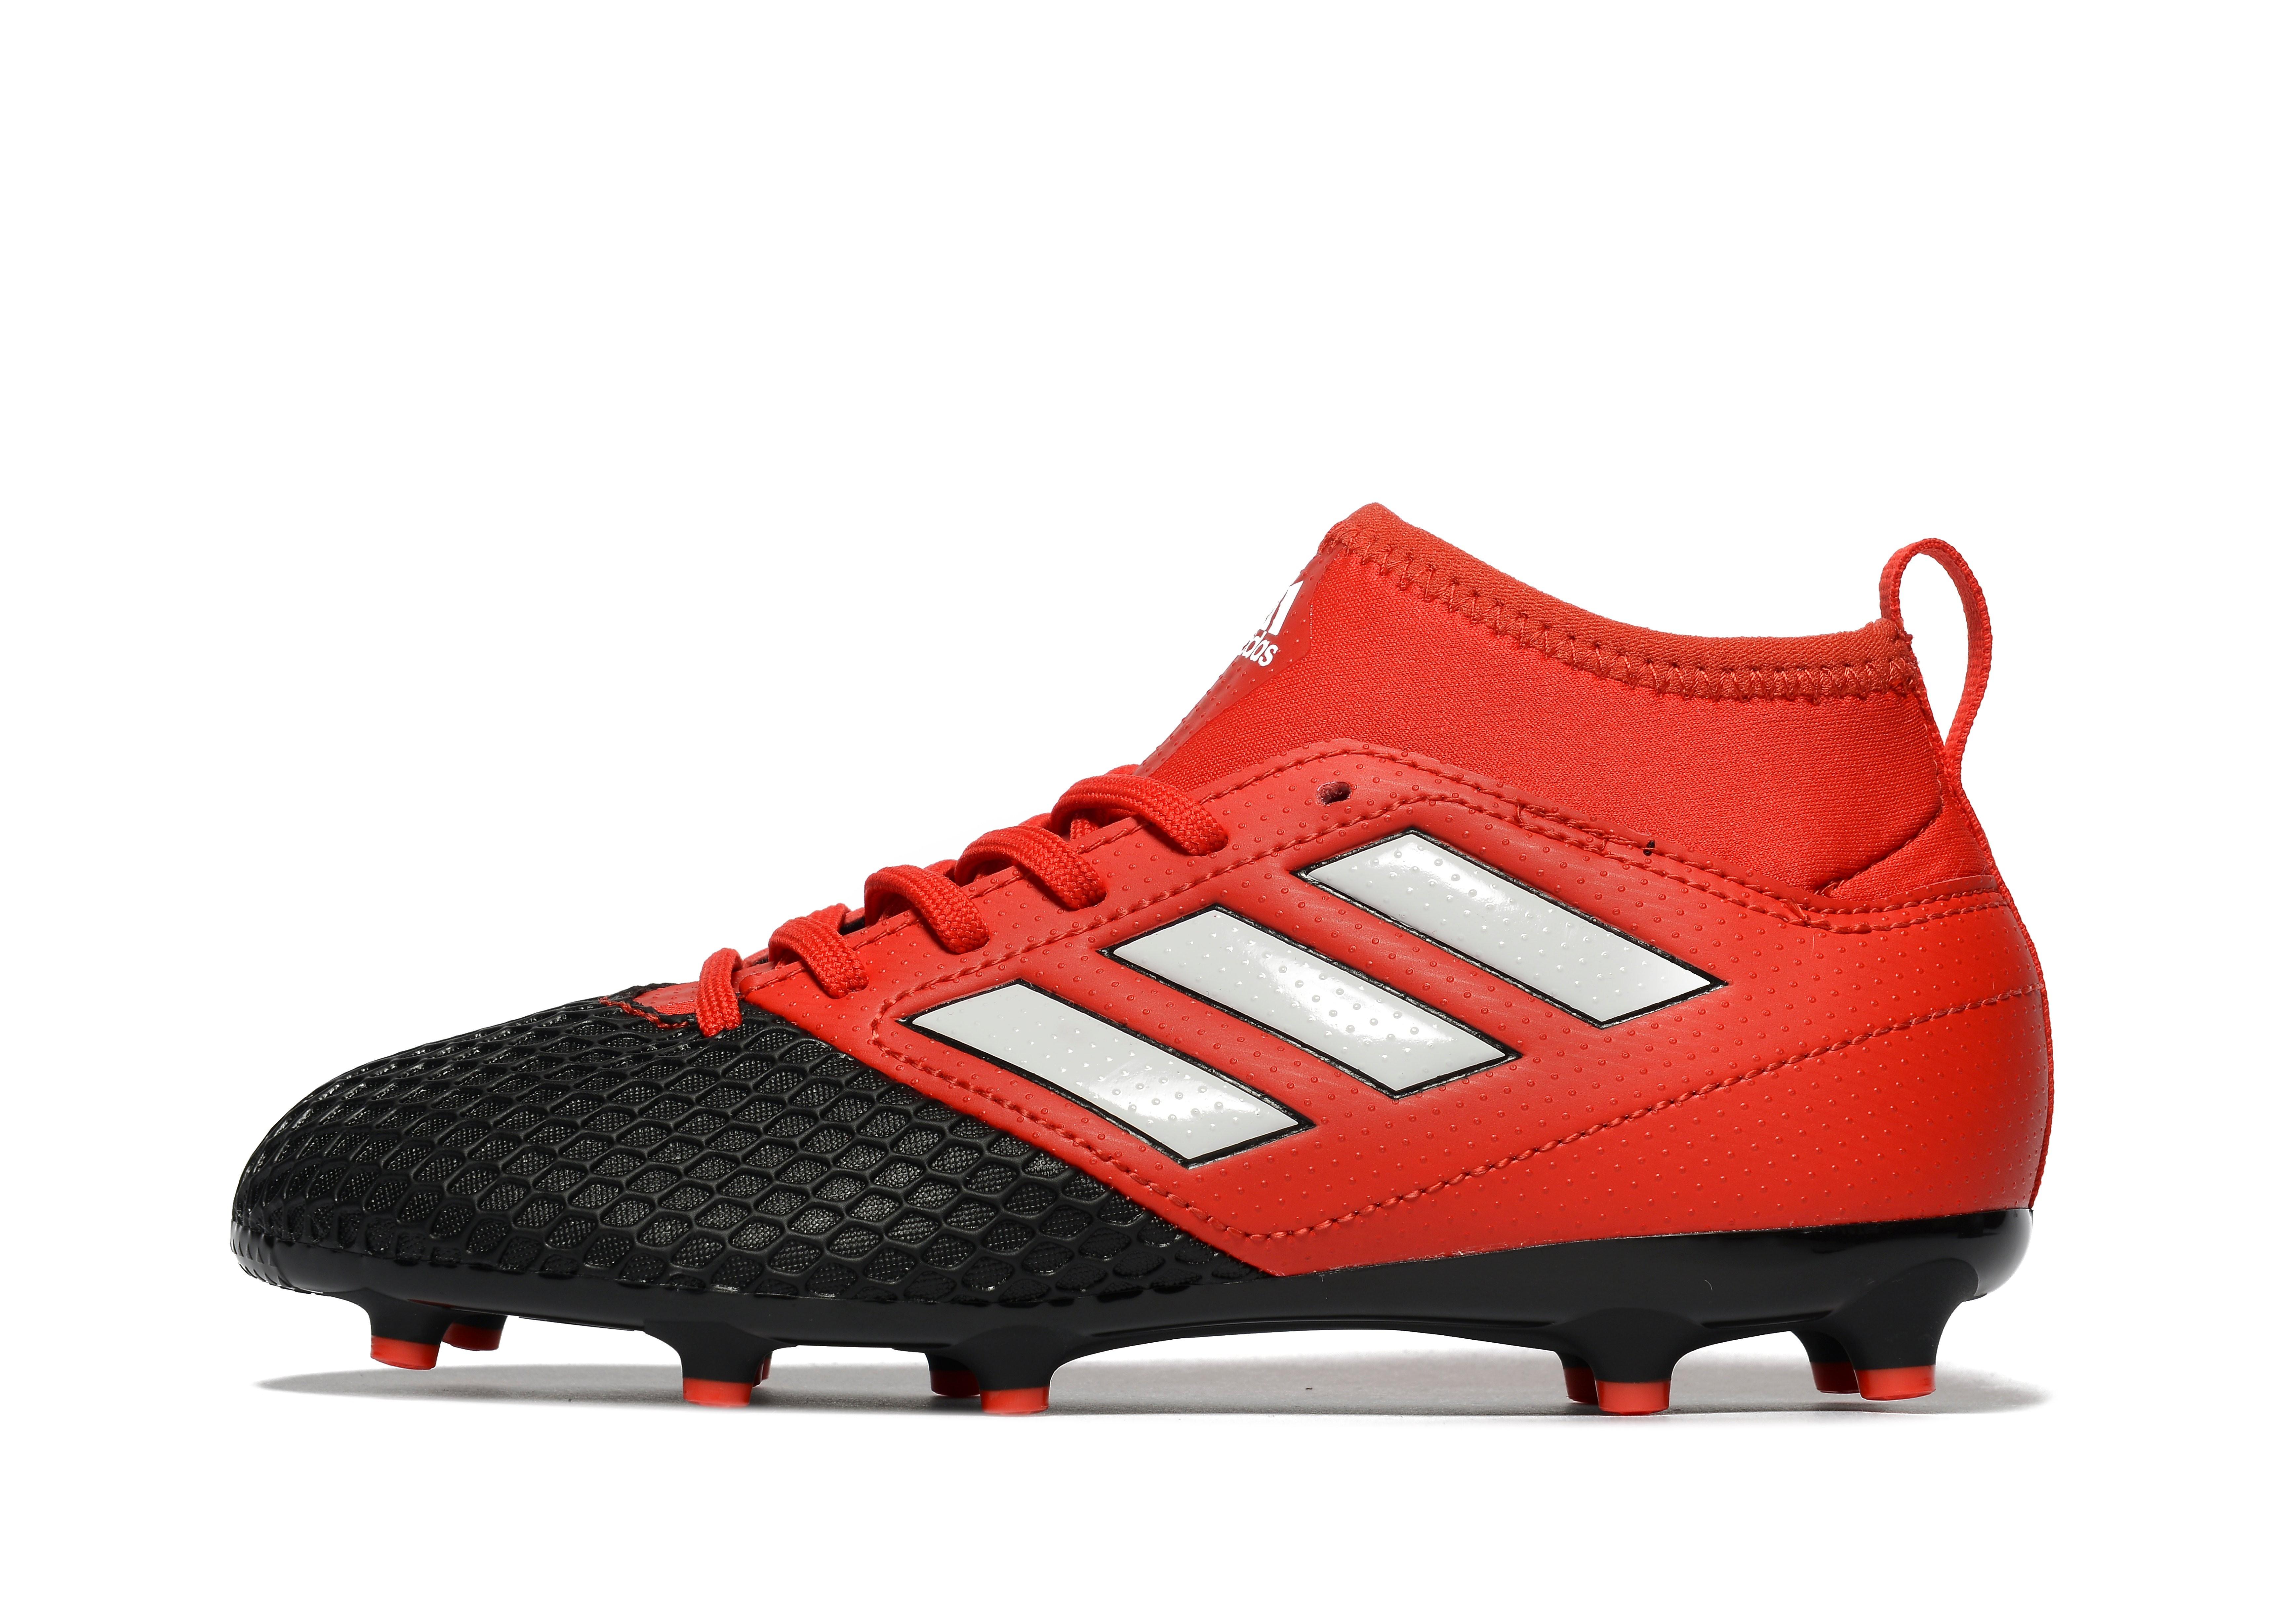 Image de adidas Chaussures de football Red Limit ACE17.3 Primemesh FG pour enfant - Red/ Black